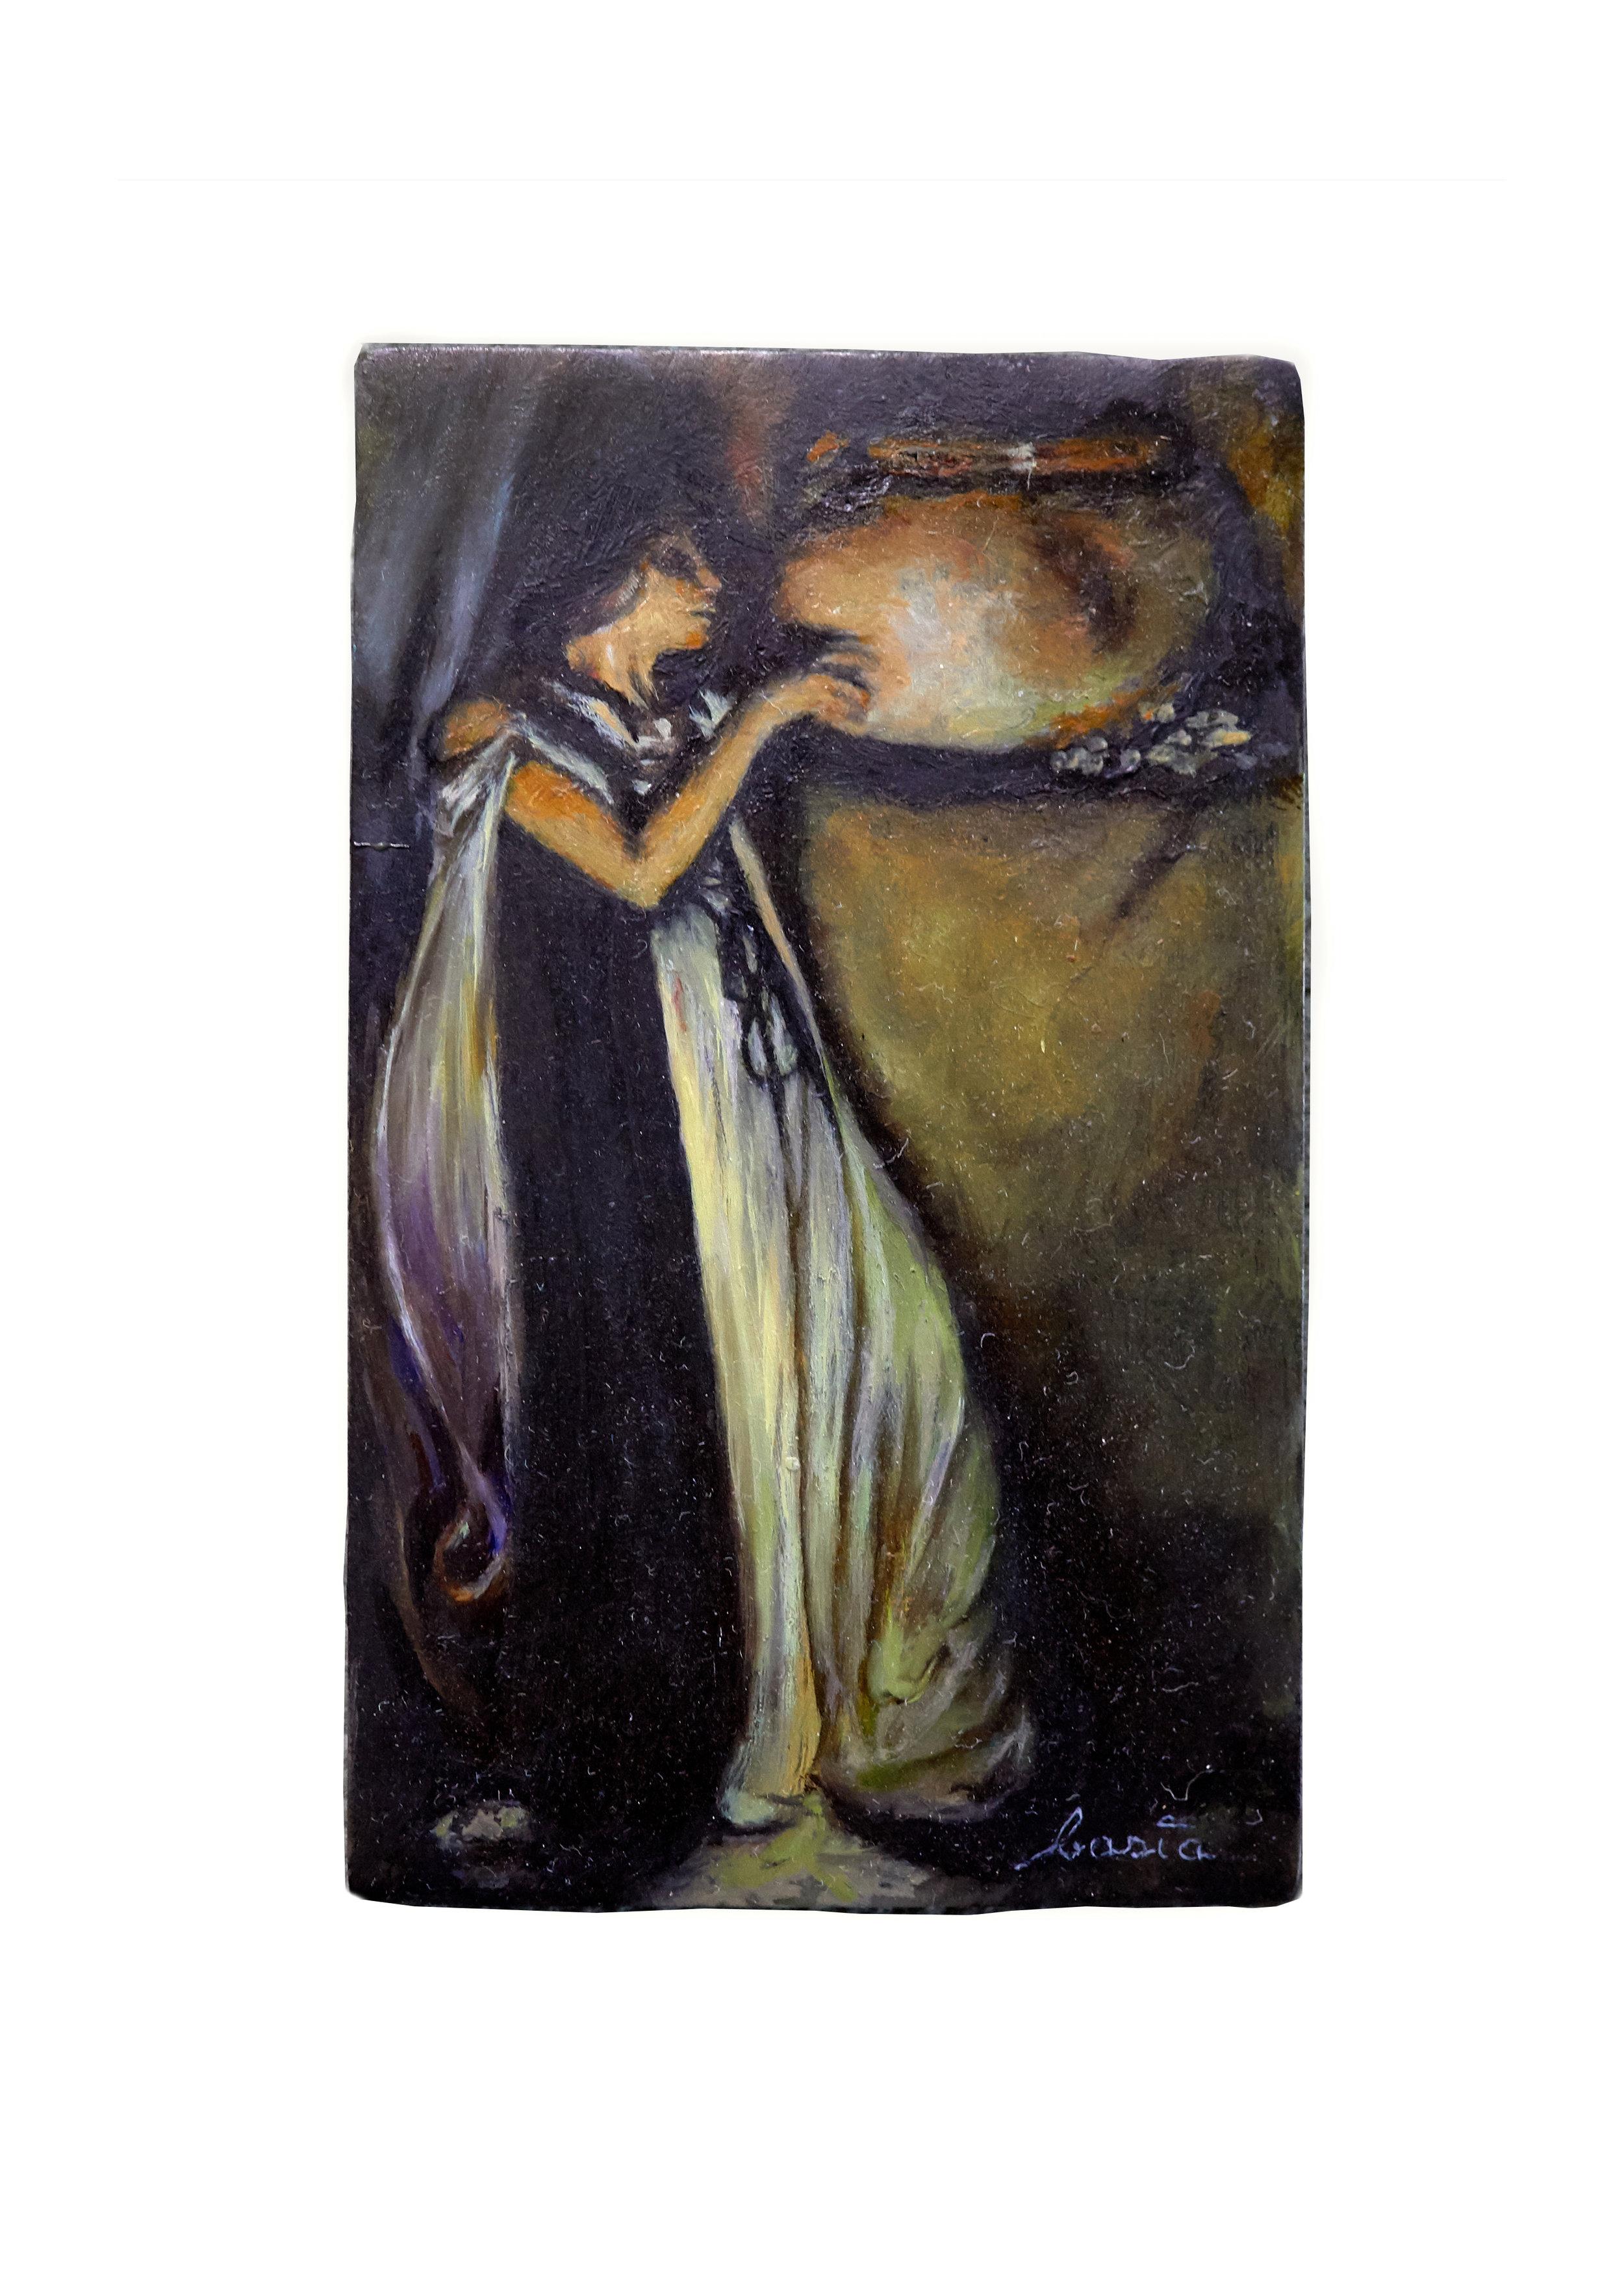 artist-basia-fine-artist-miniatures-oil-paintings_30.jpg